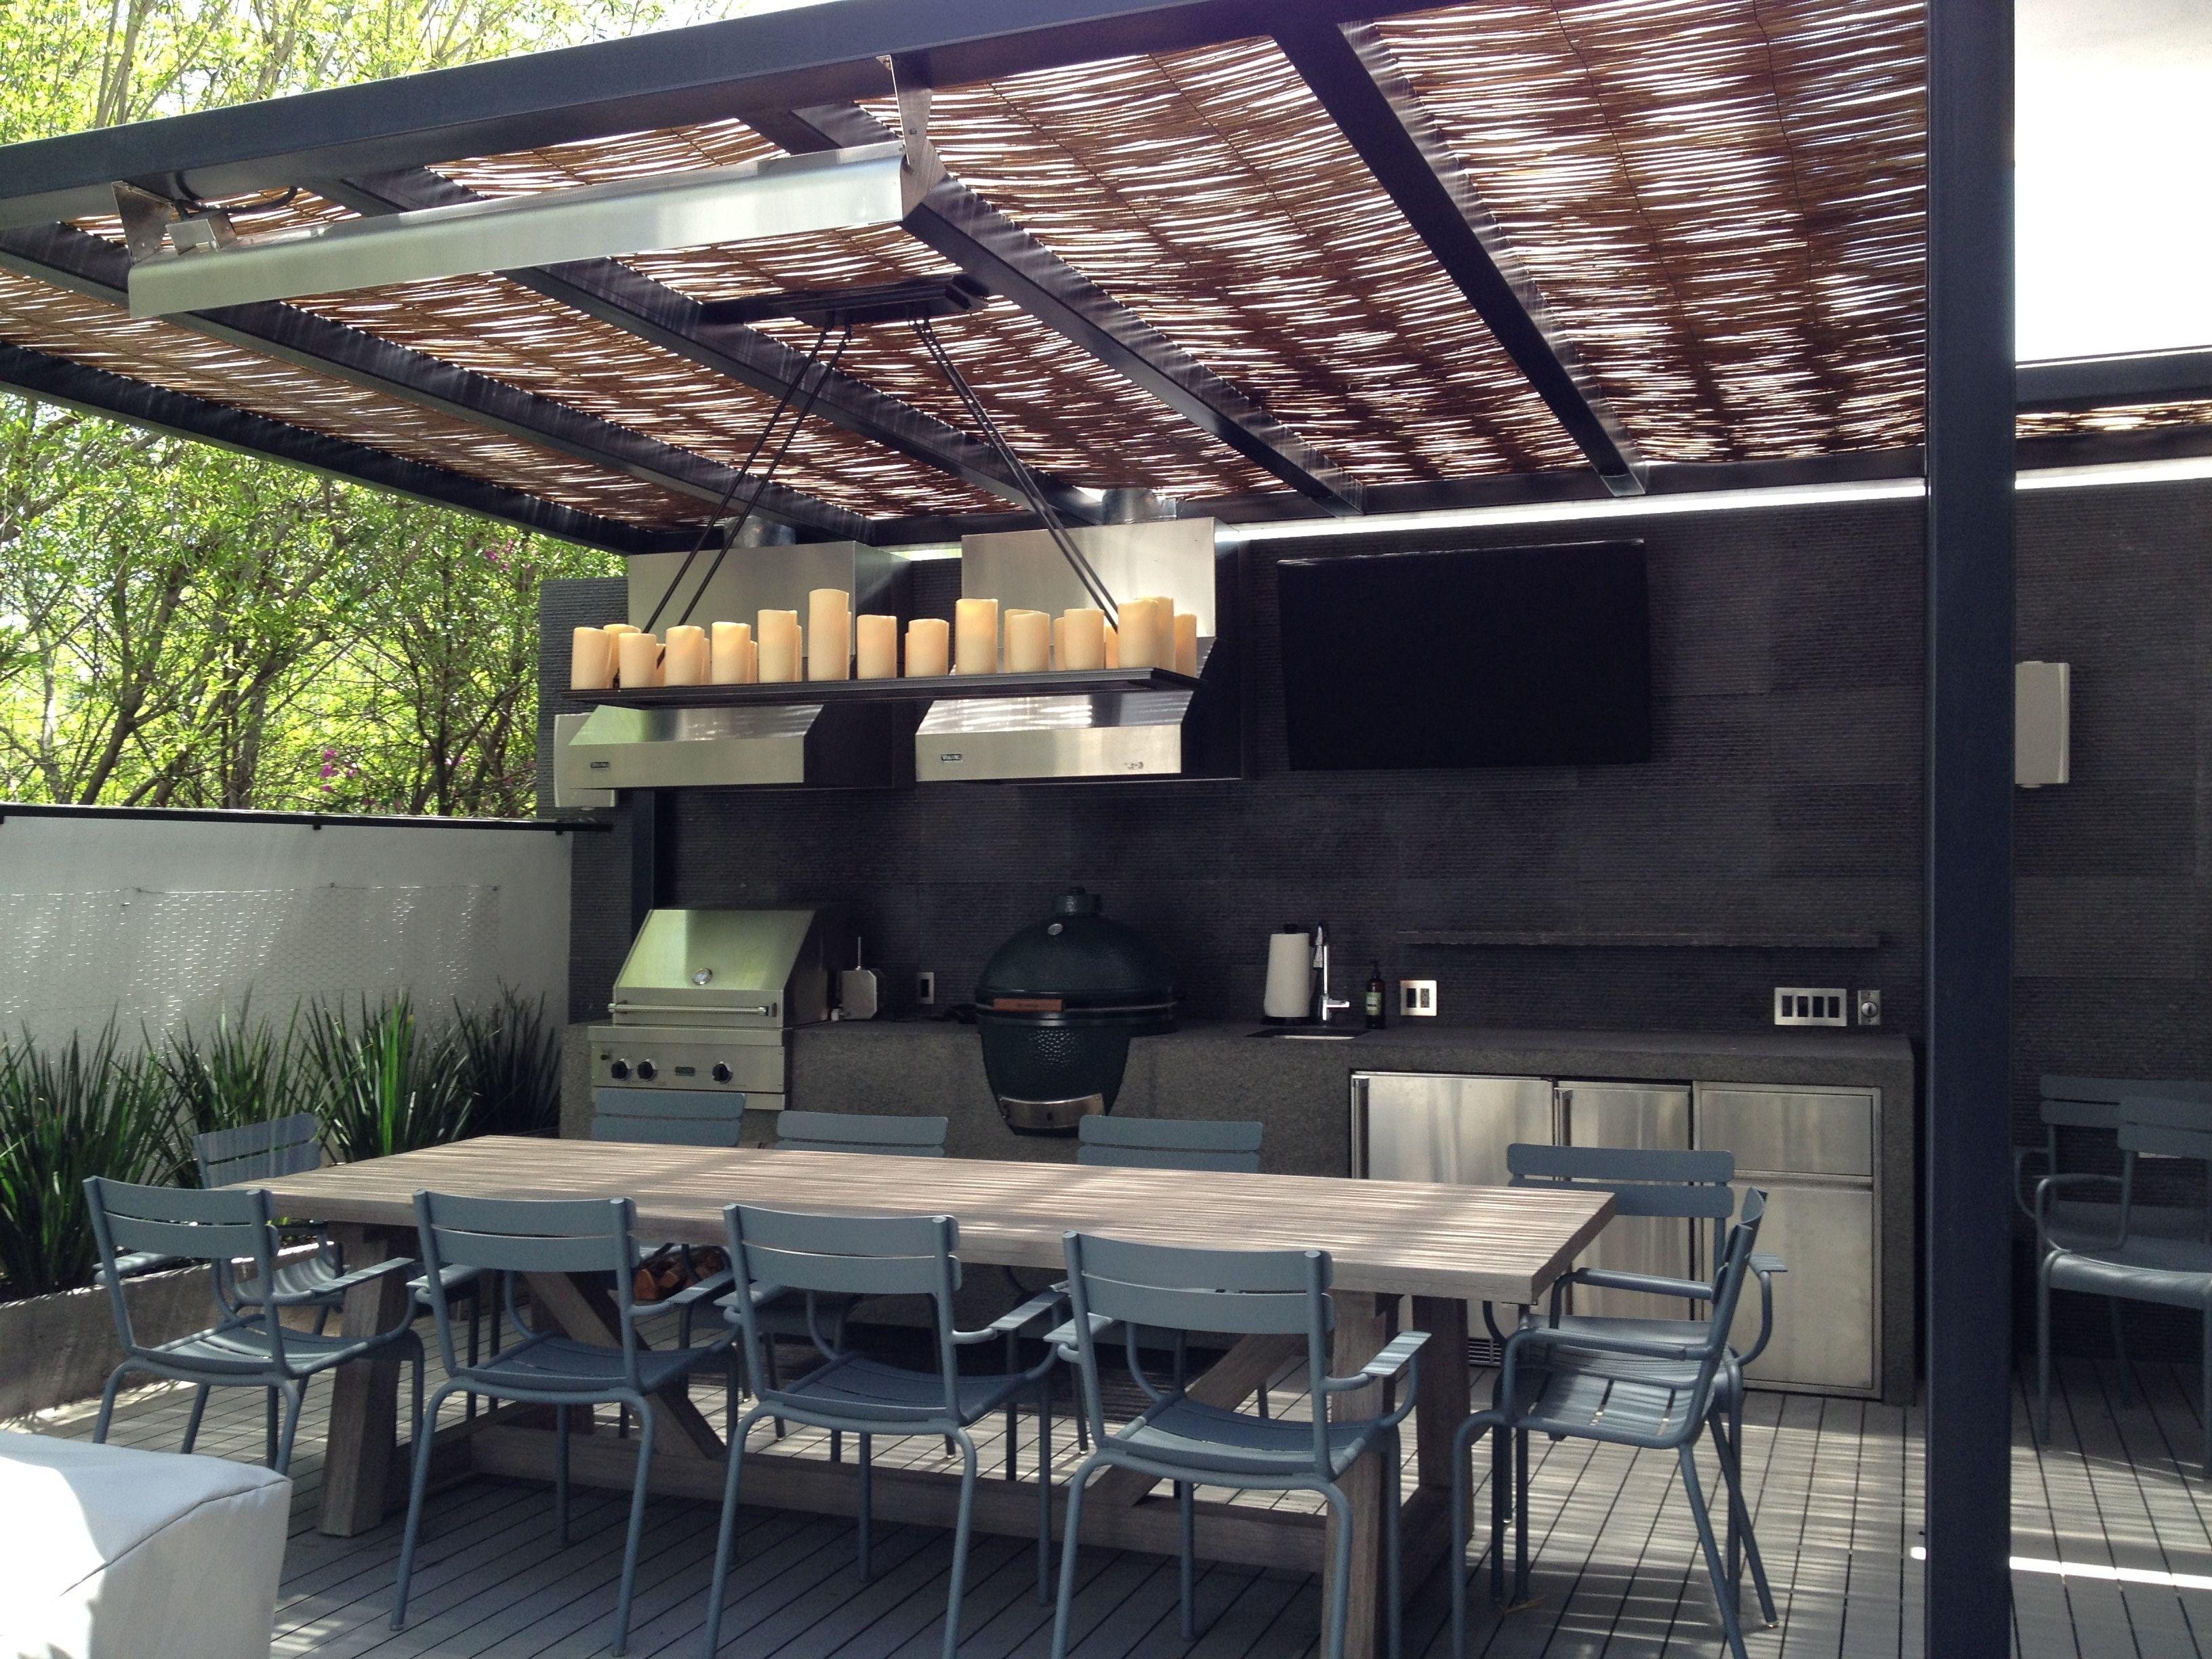 Techo pergola metal exteriores pinterest asador for Techos exteriores modernos